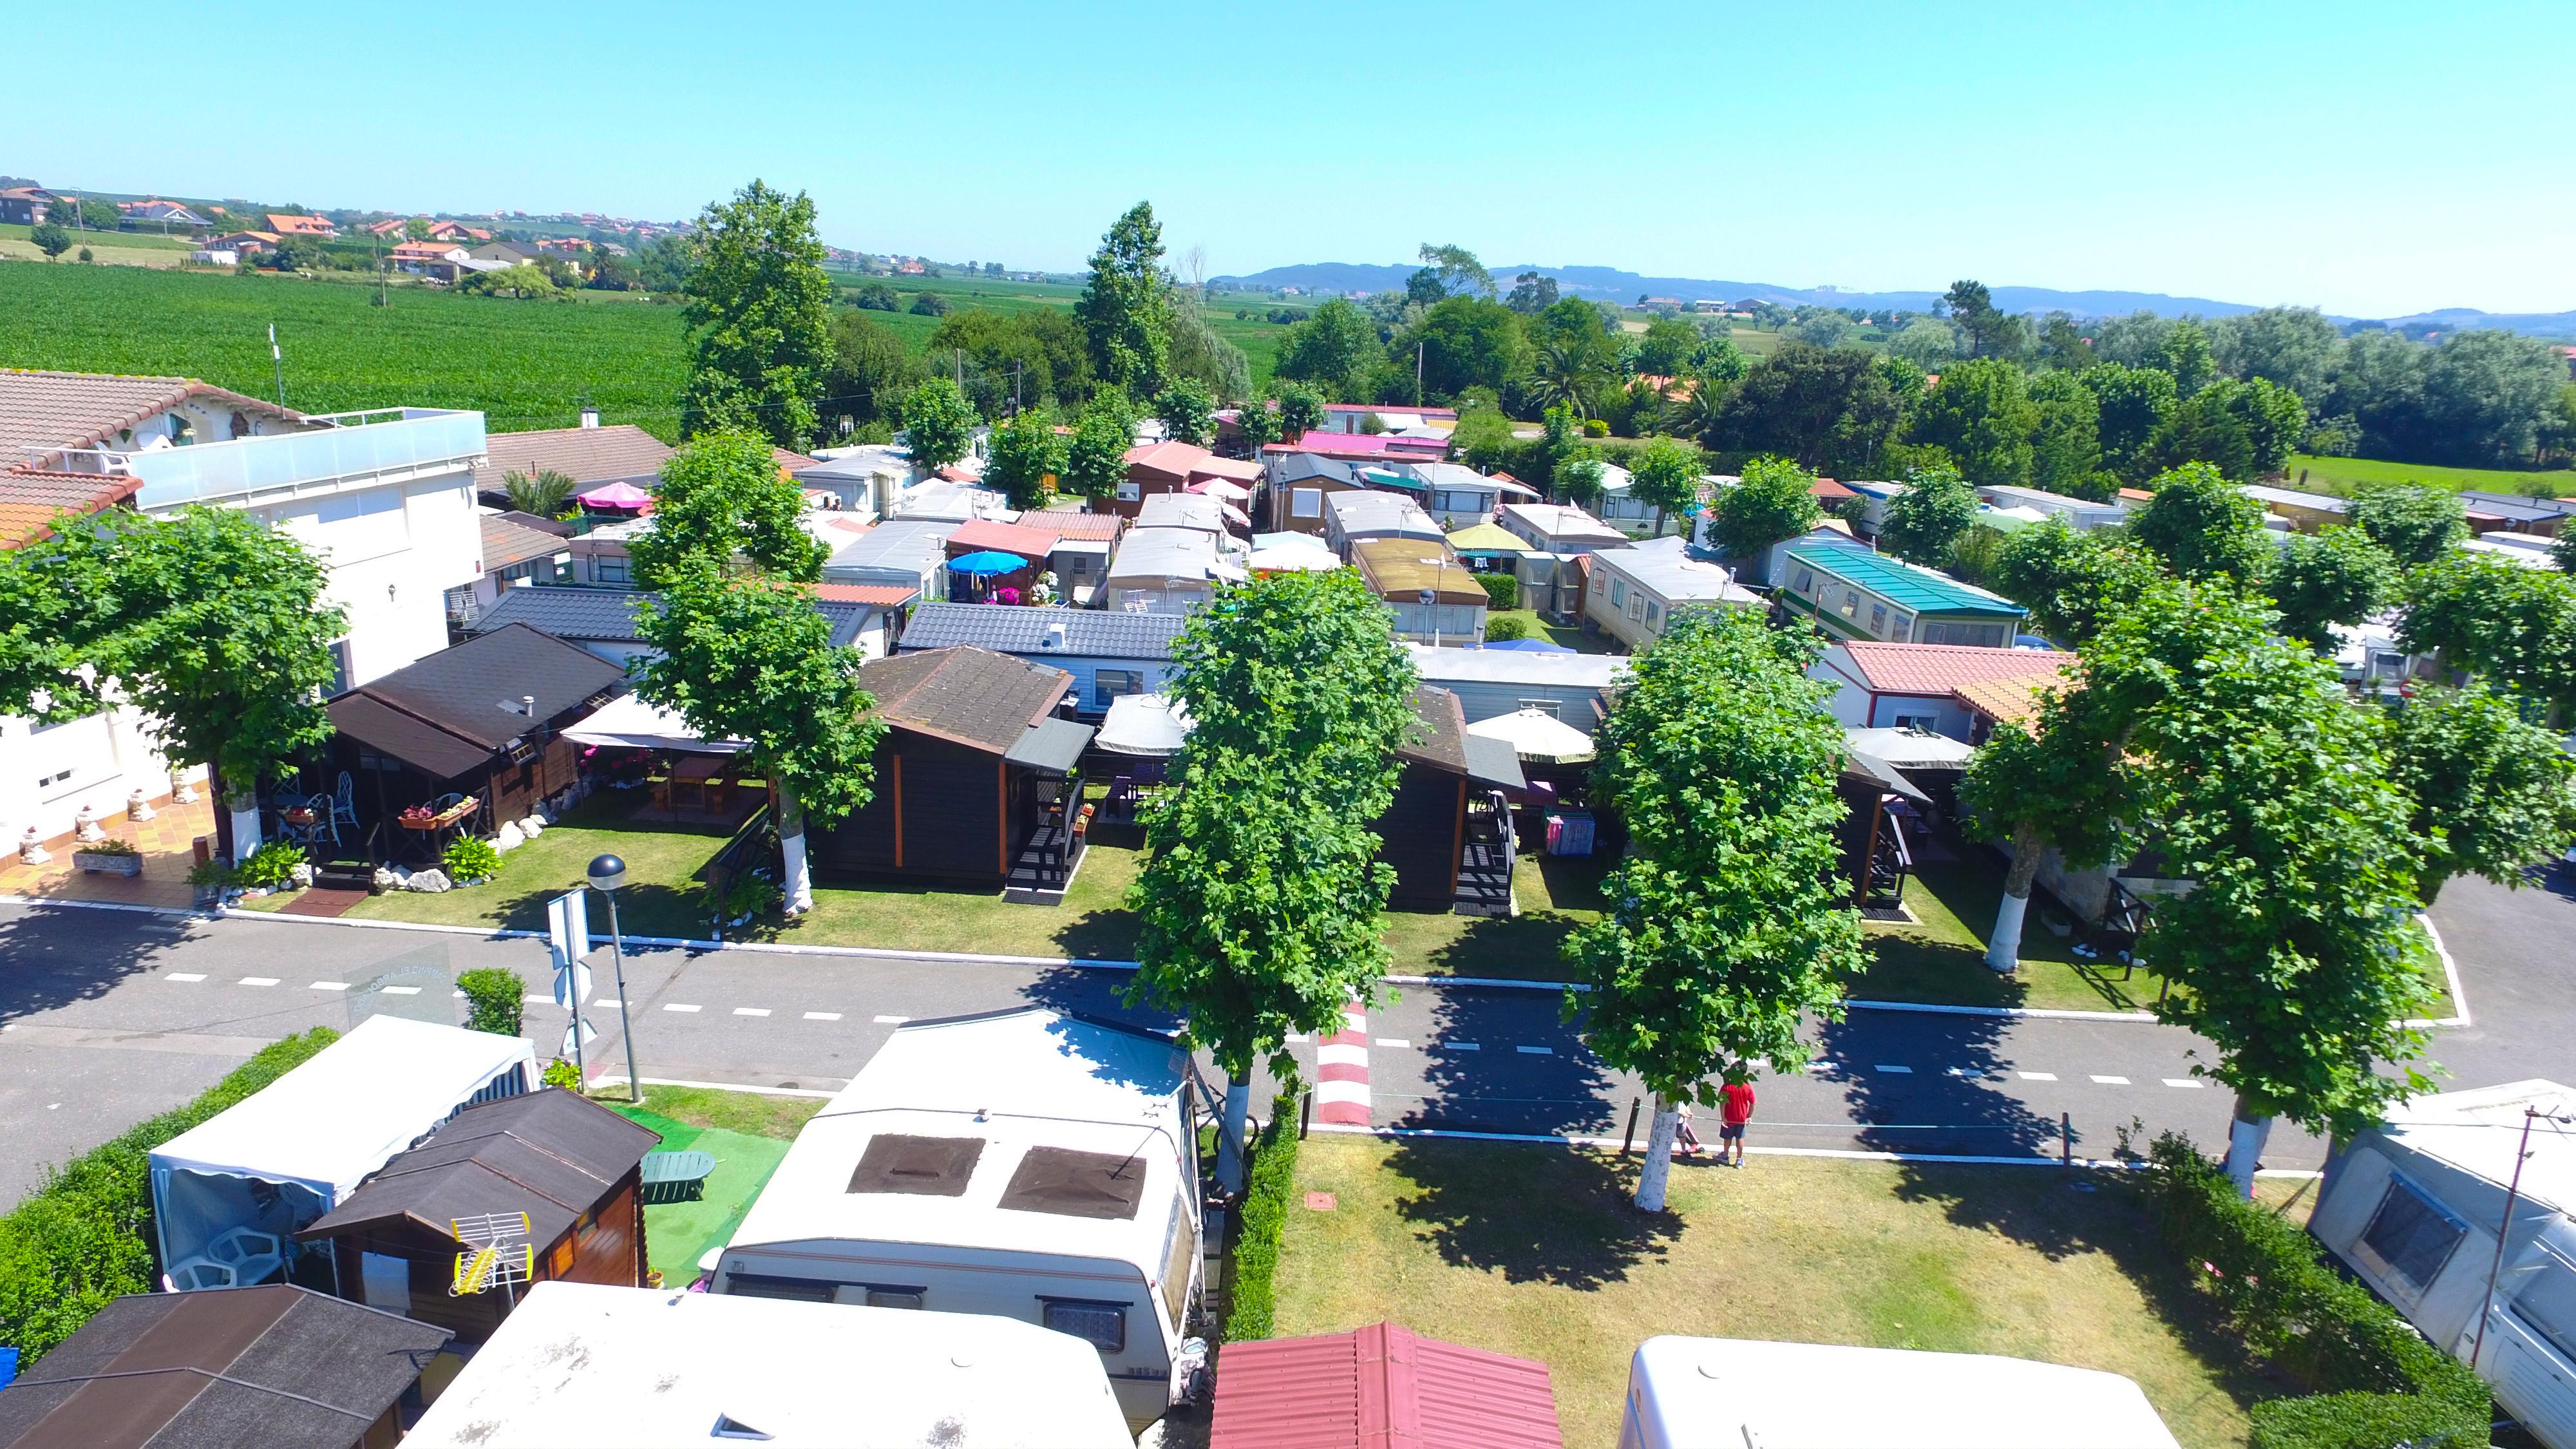 Vista aérea del camping